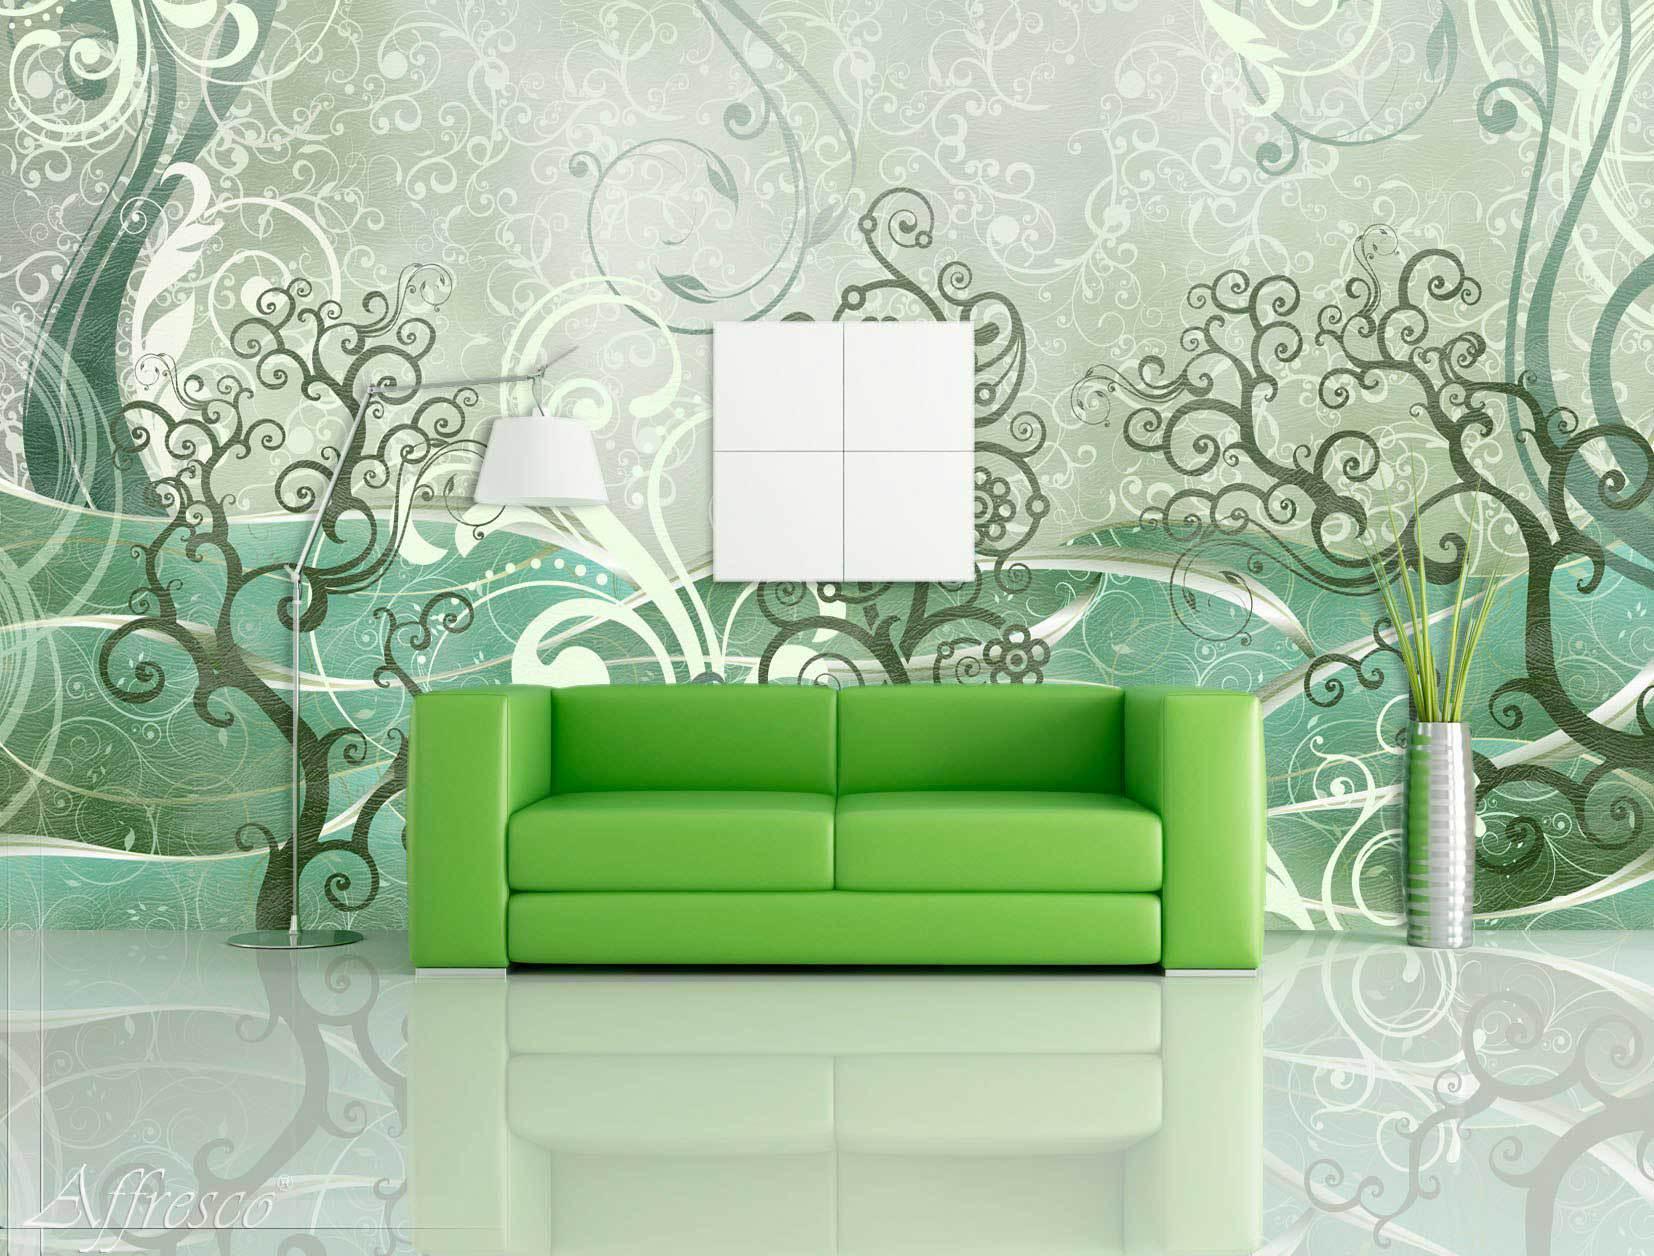 Wallpaper Untuk Dinding Abstraksi 35 Gambar Model Cantik